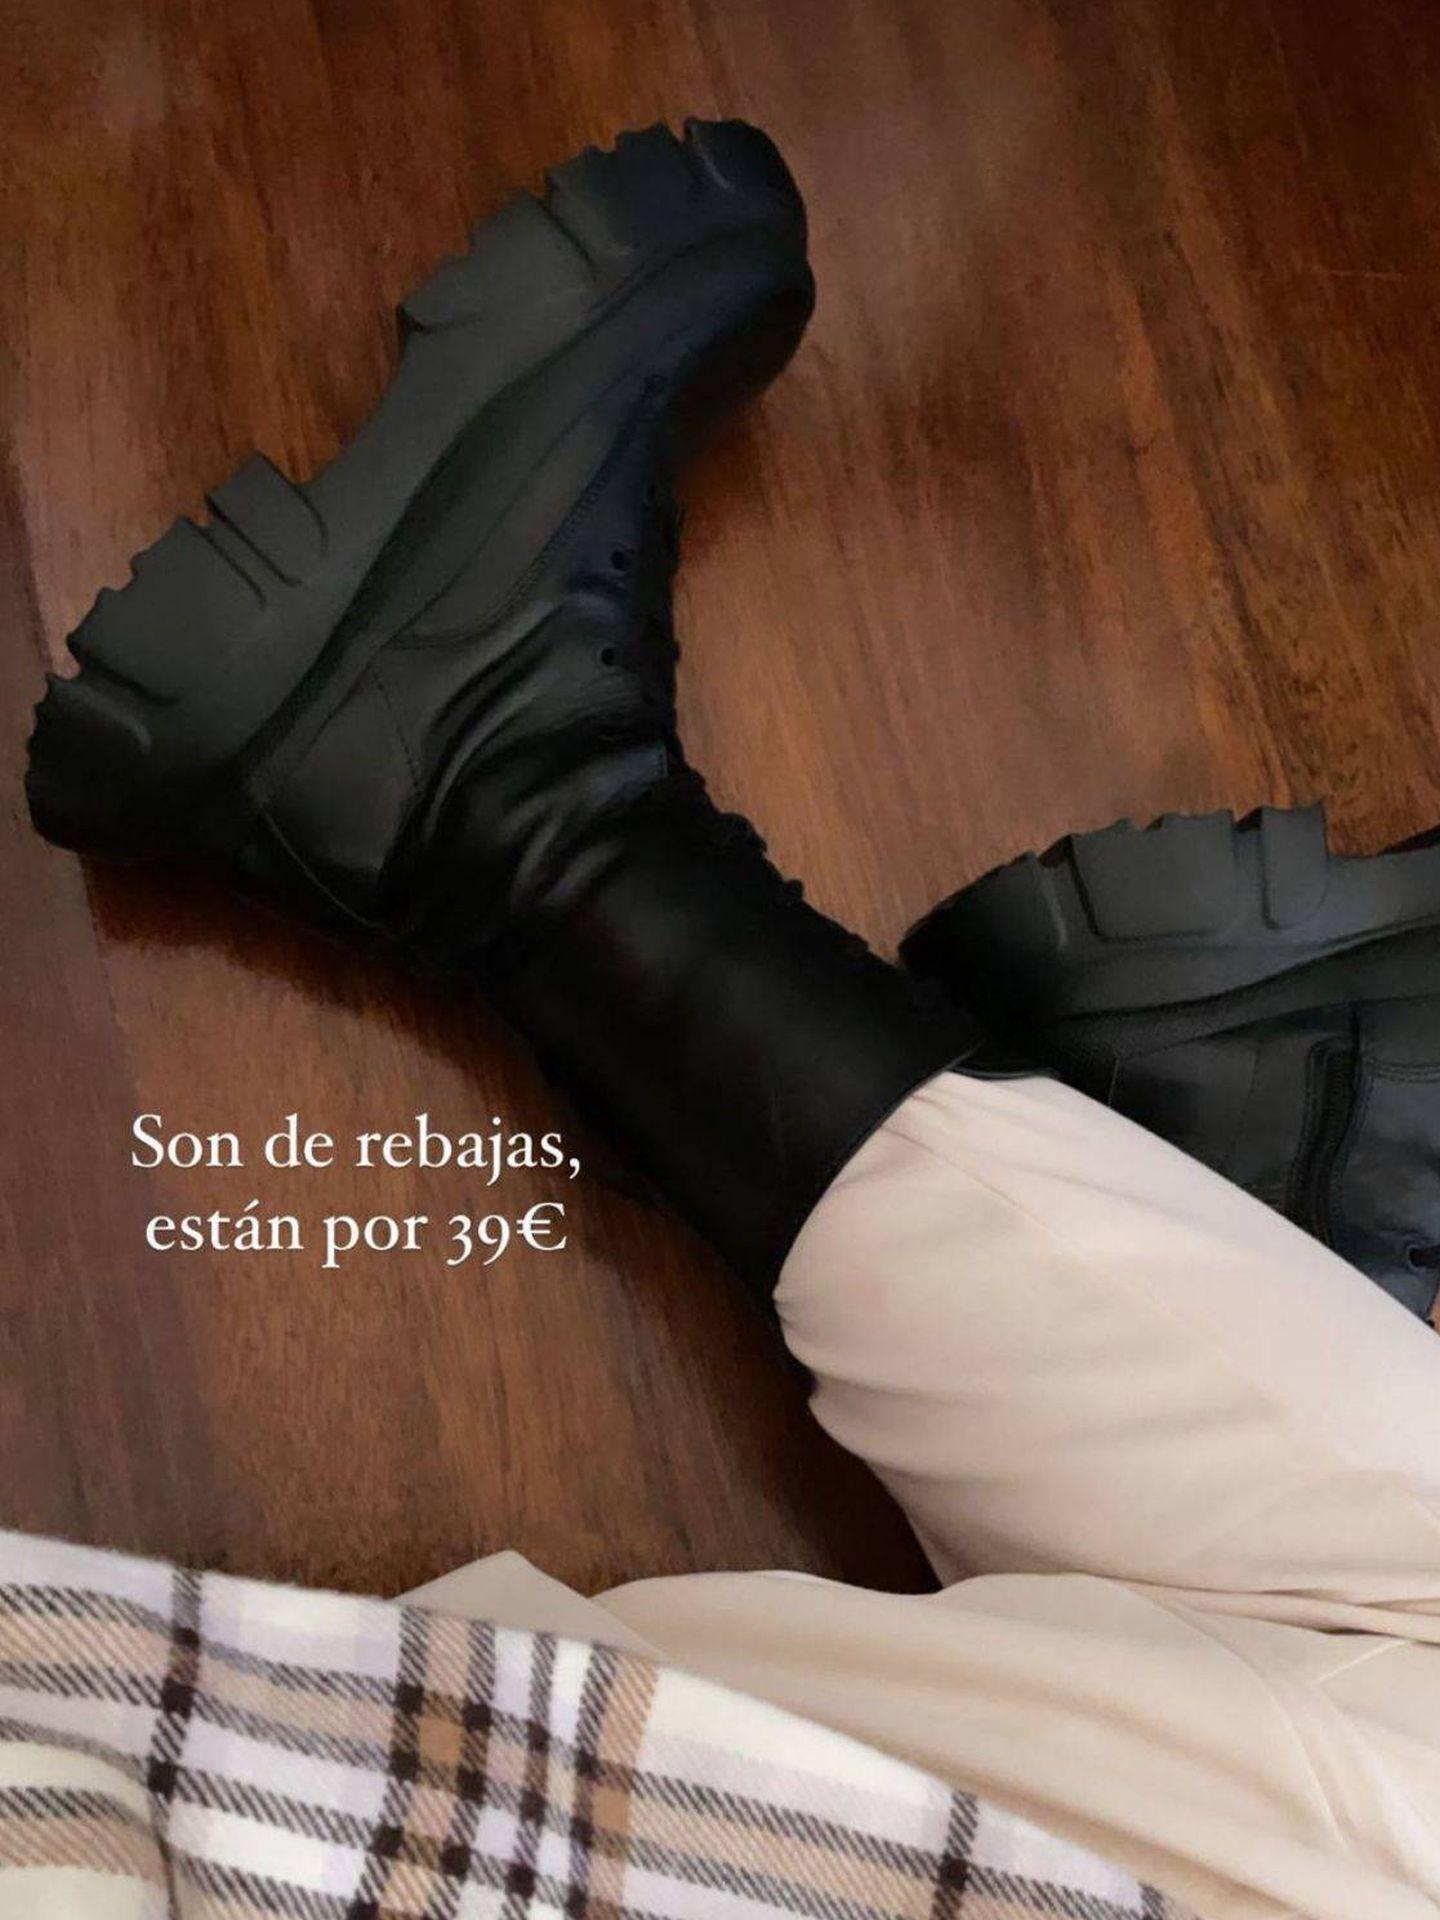 Botas chunky de las rebajas de Zara. (Cortesía)